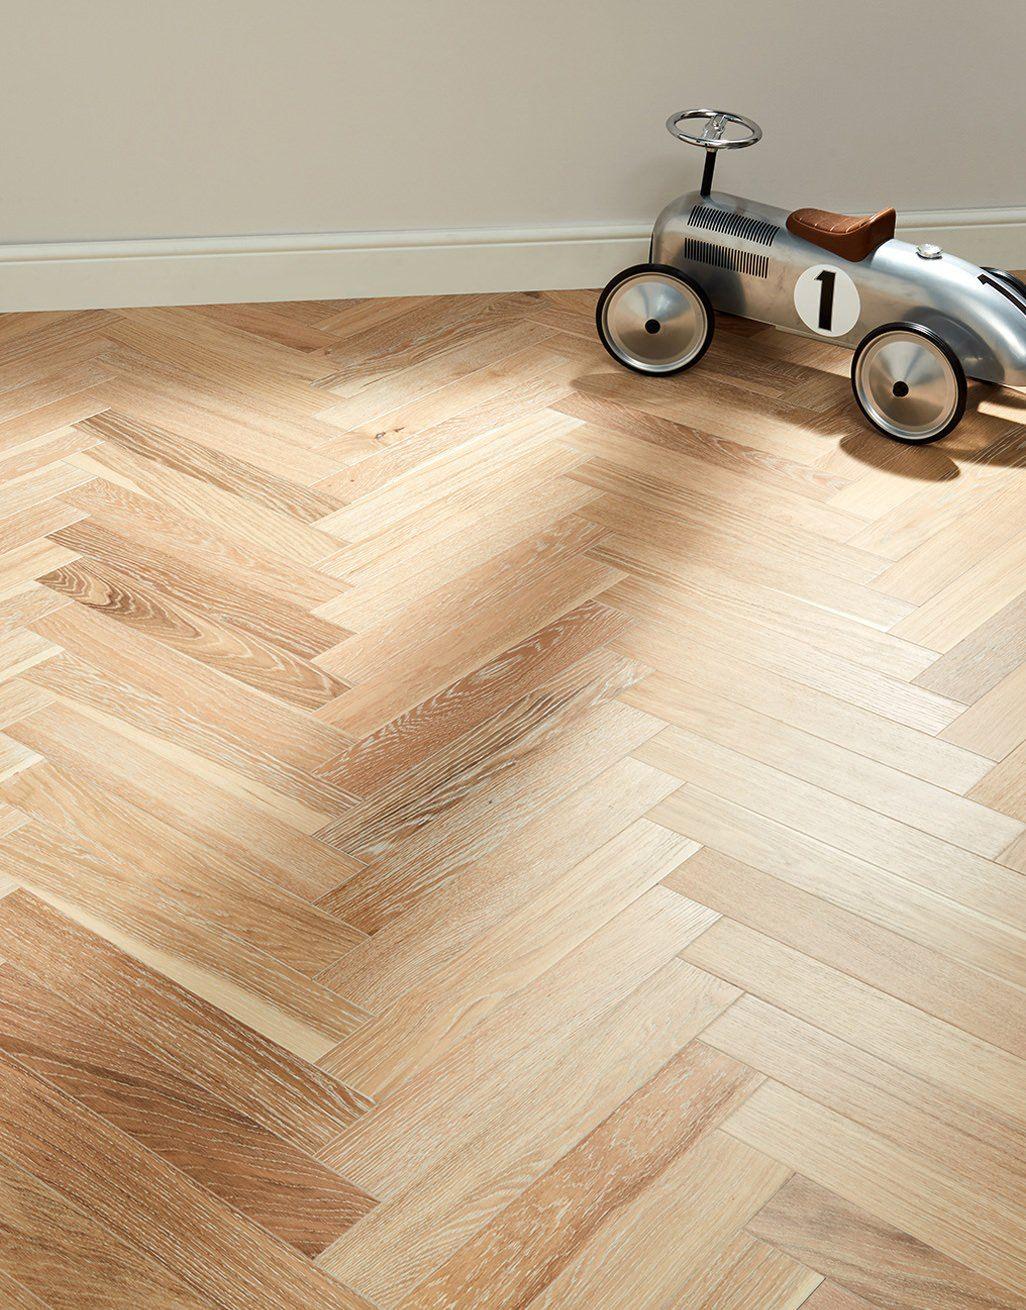 Herringbone Parquet Flooring